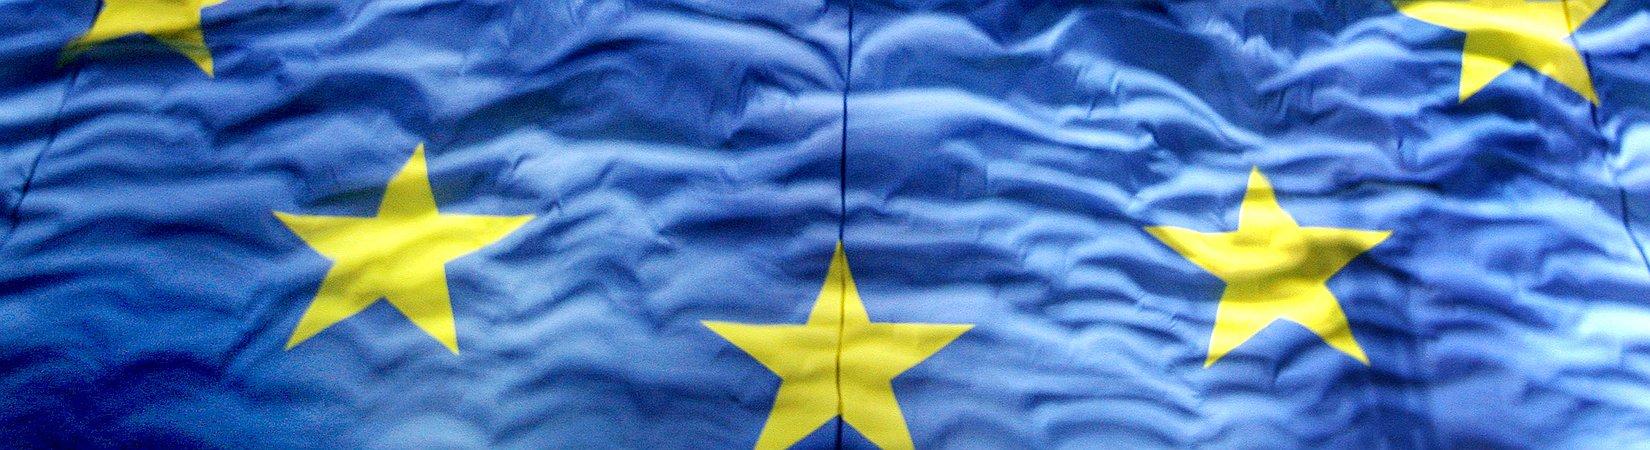 União Europeia considera adesão de novos membros